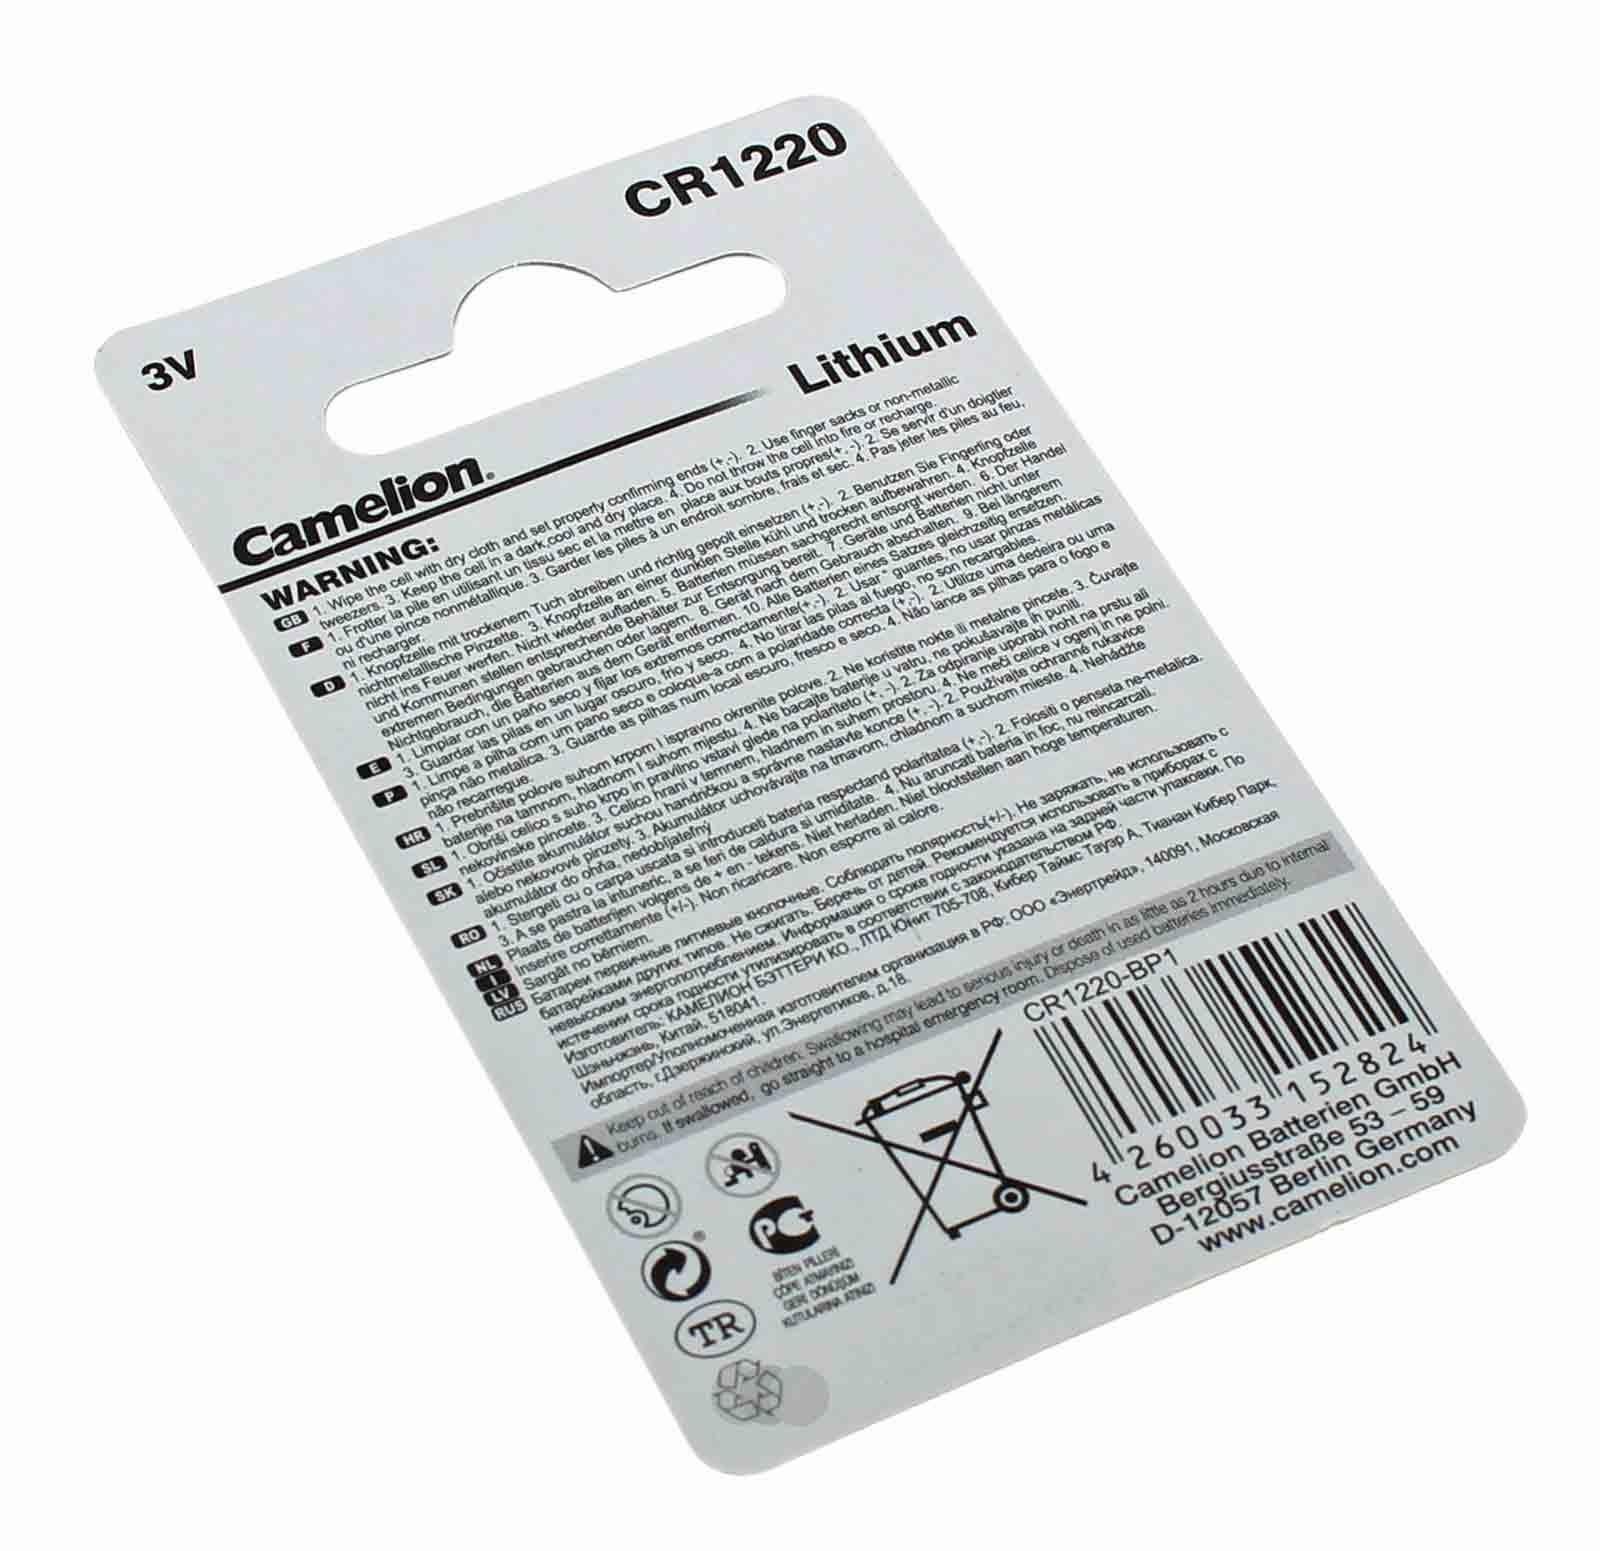 Camelion CR1220 Lithium Knopfzellen Batterie mit 3 Volt und 38mAh Kapazität